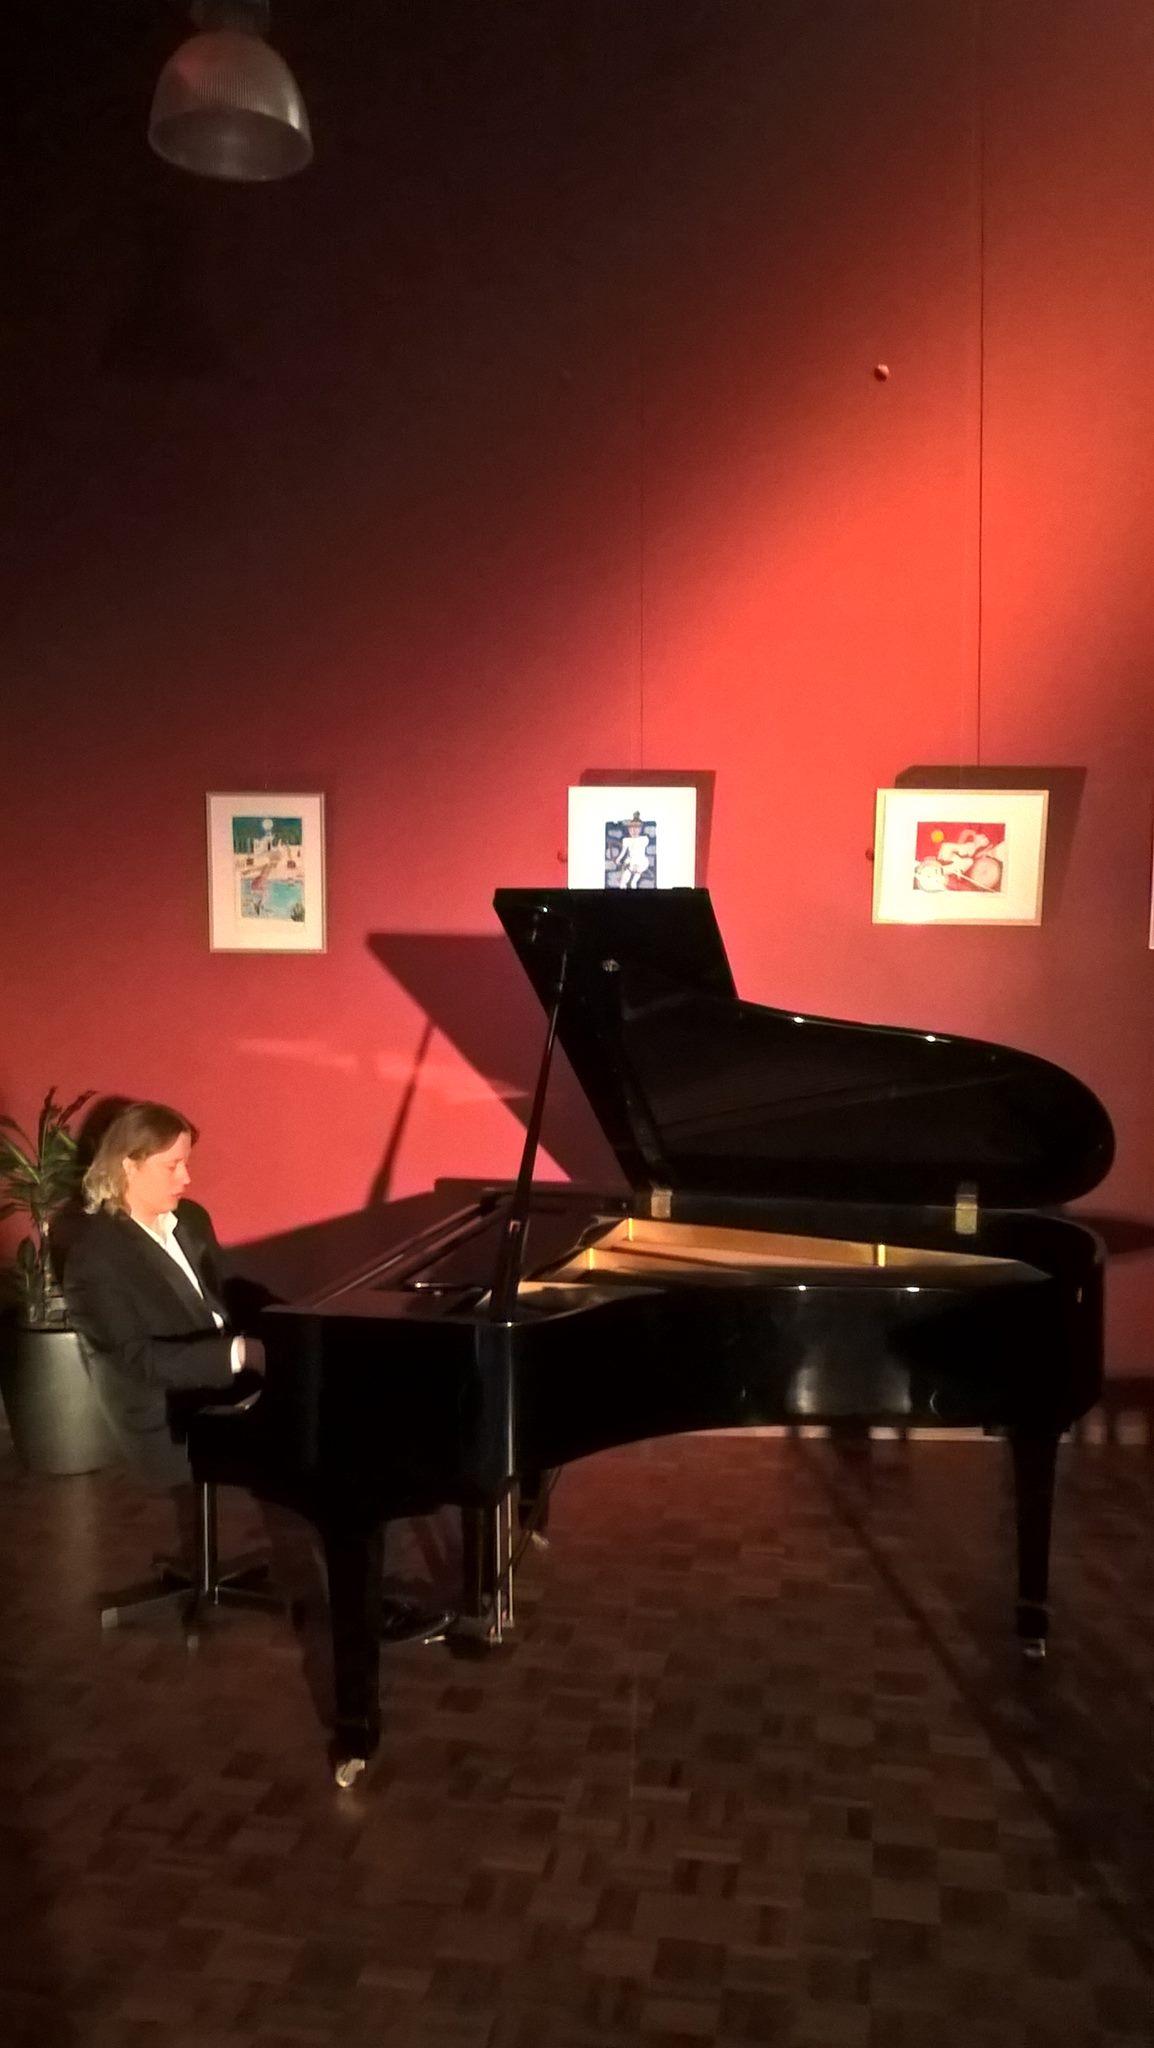 Pianist Thomas Alexander in concert